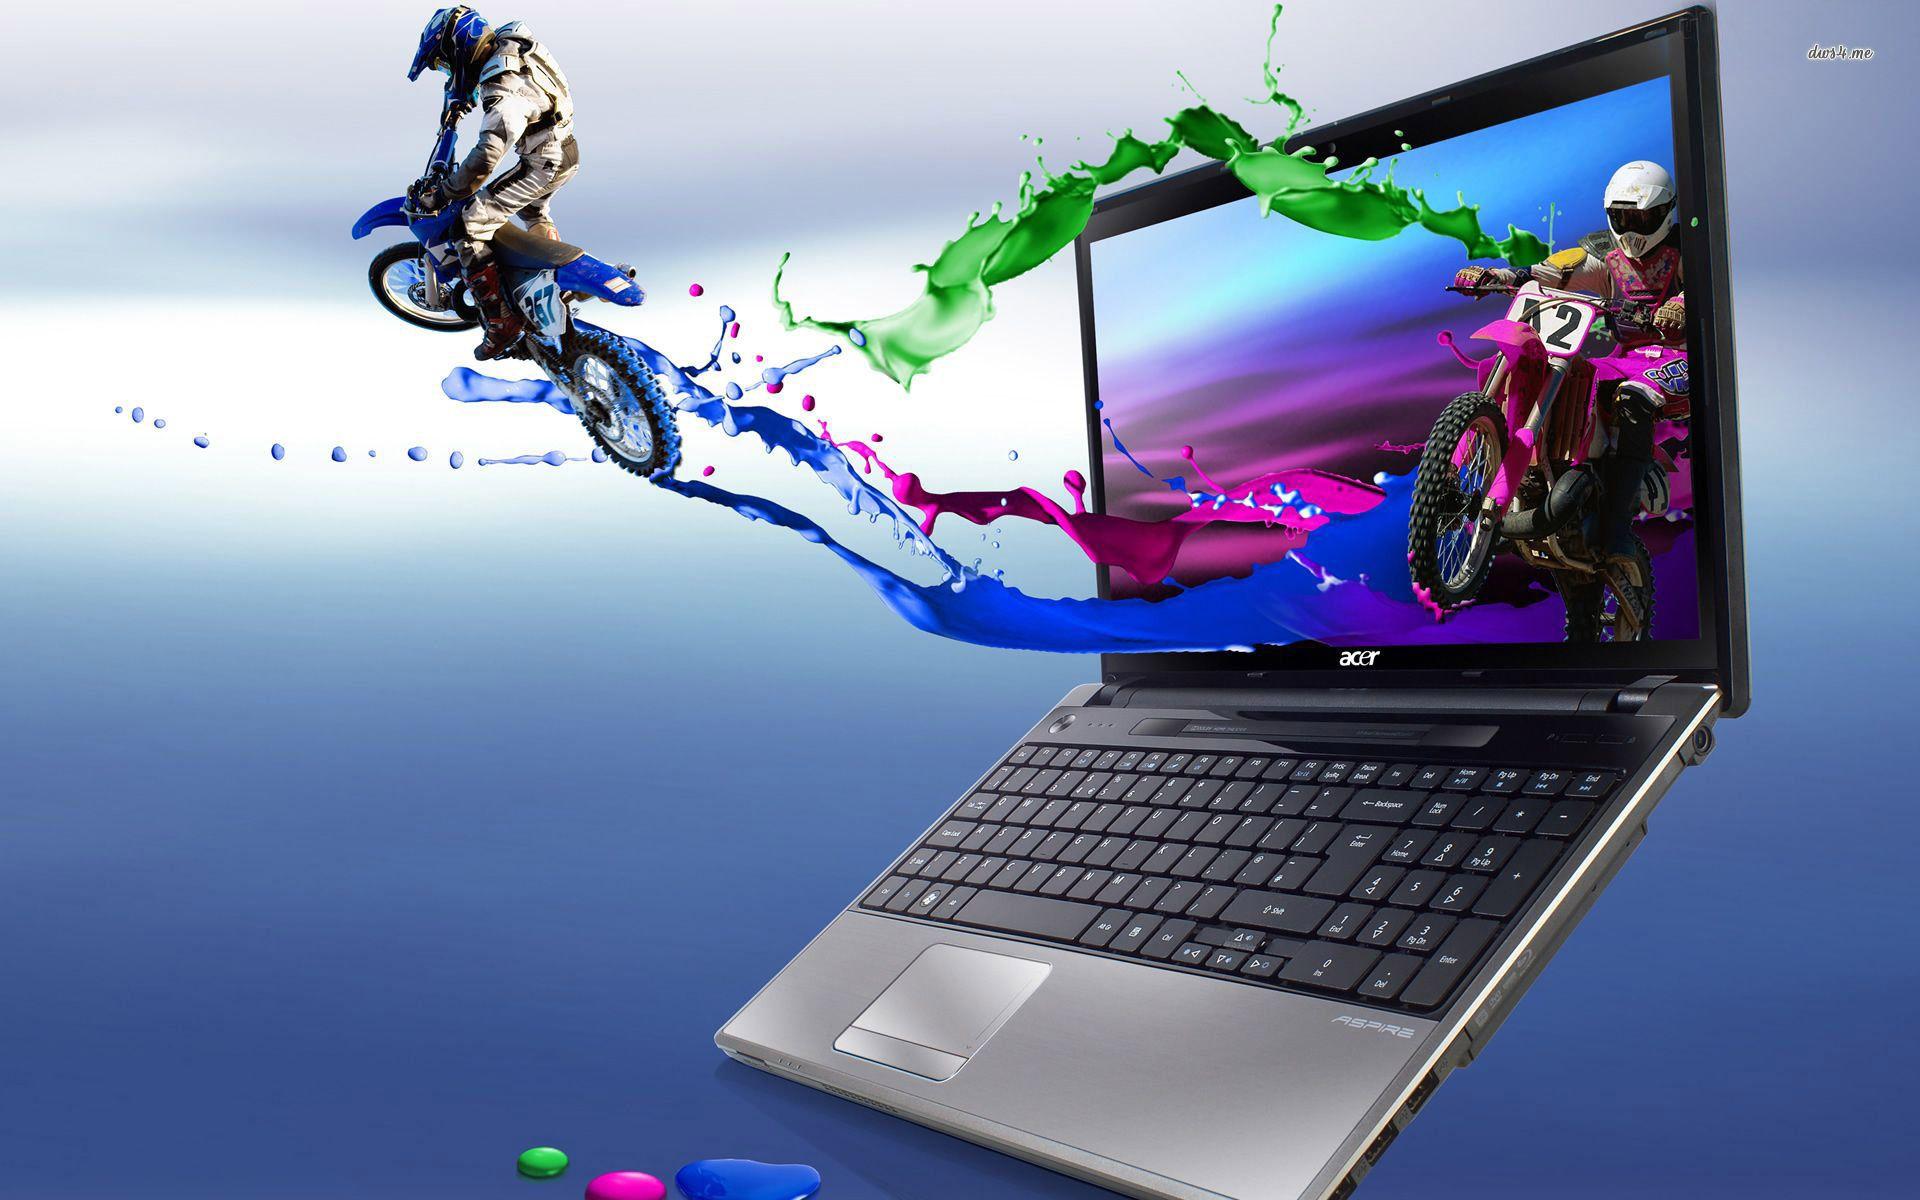 Acer Aspire 5742g Notebook Hd Wallpaper Hd Wallpapers For Laptop Laptop Wallpaper Computer Wallpaper Hd